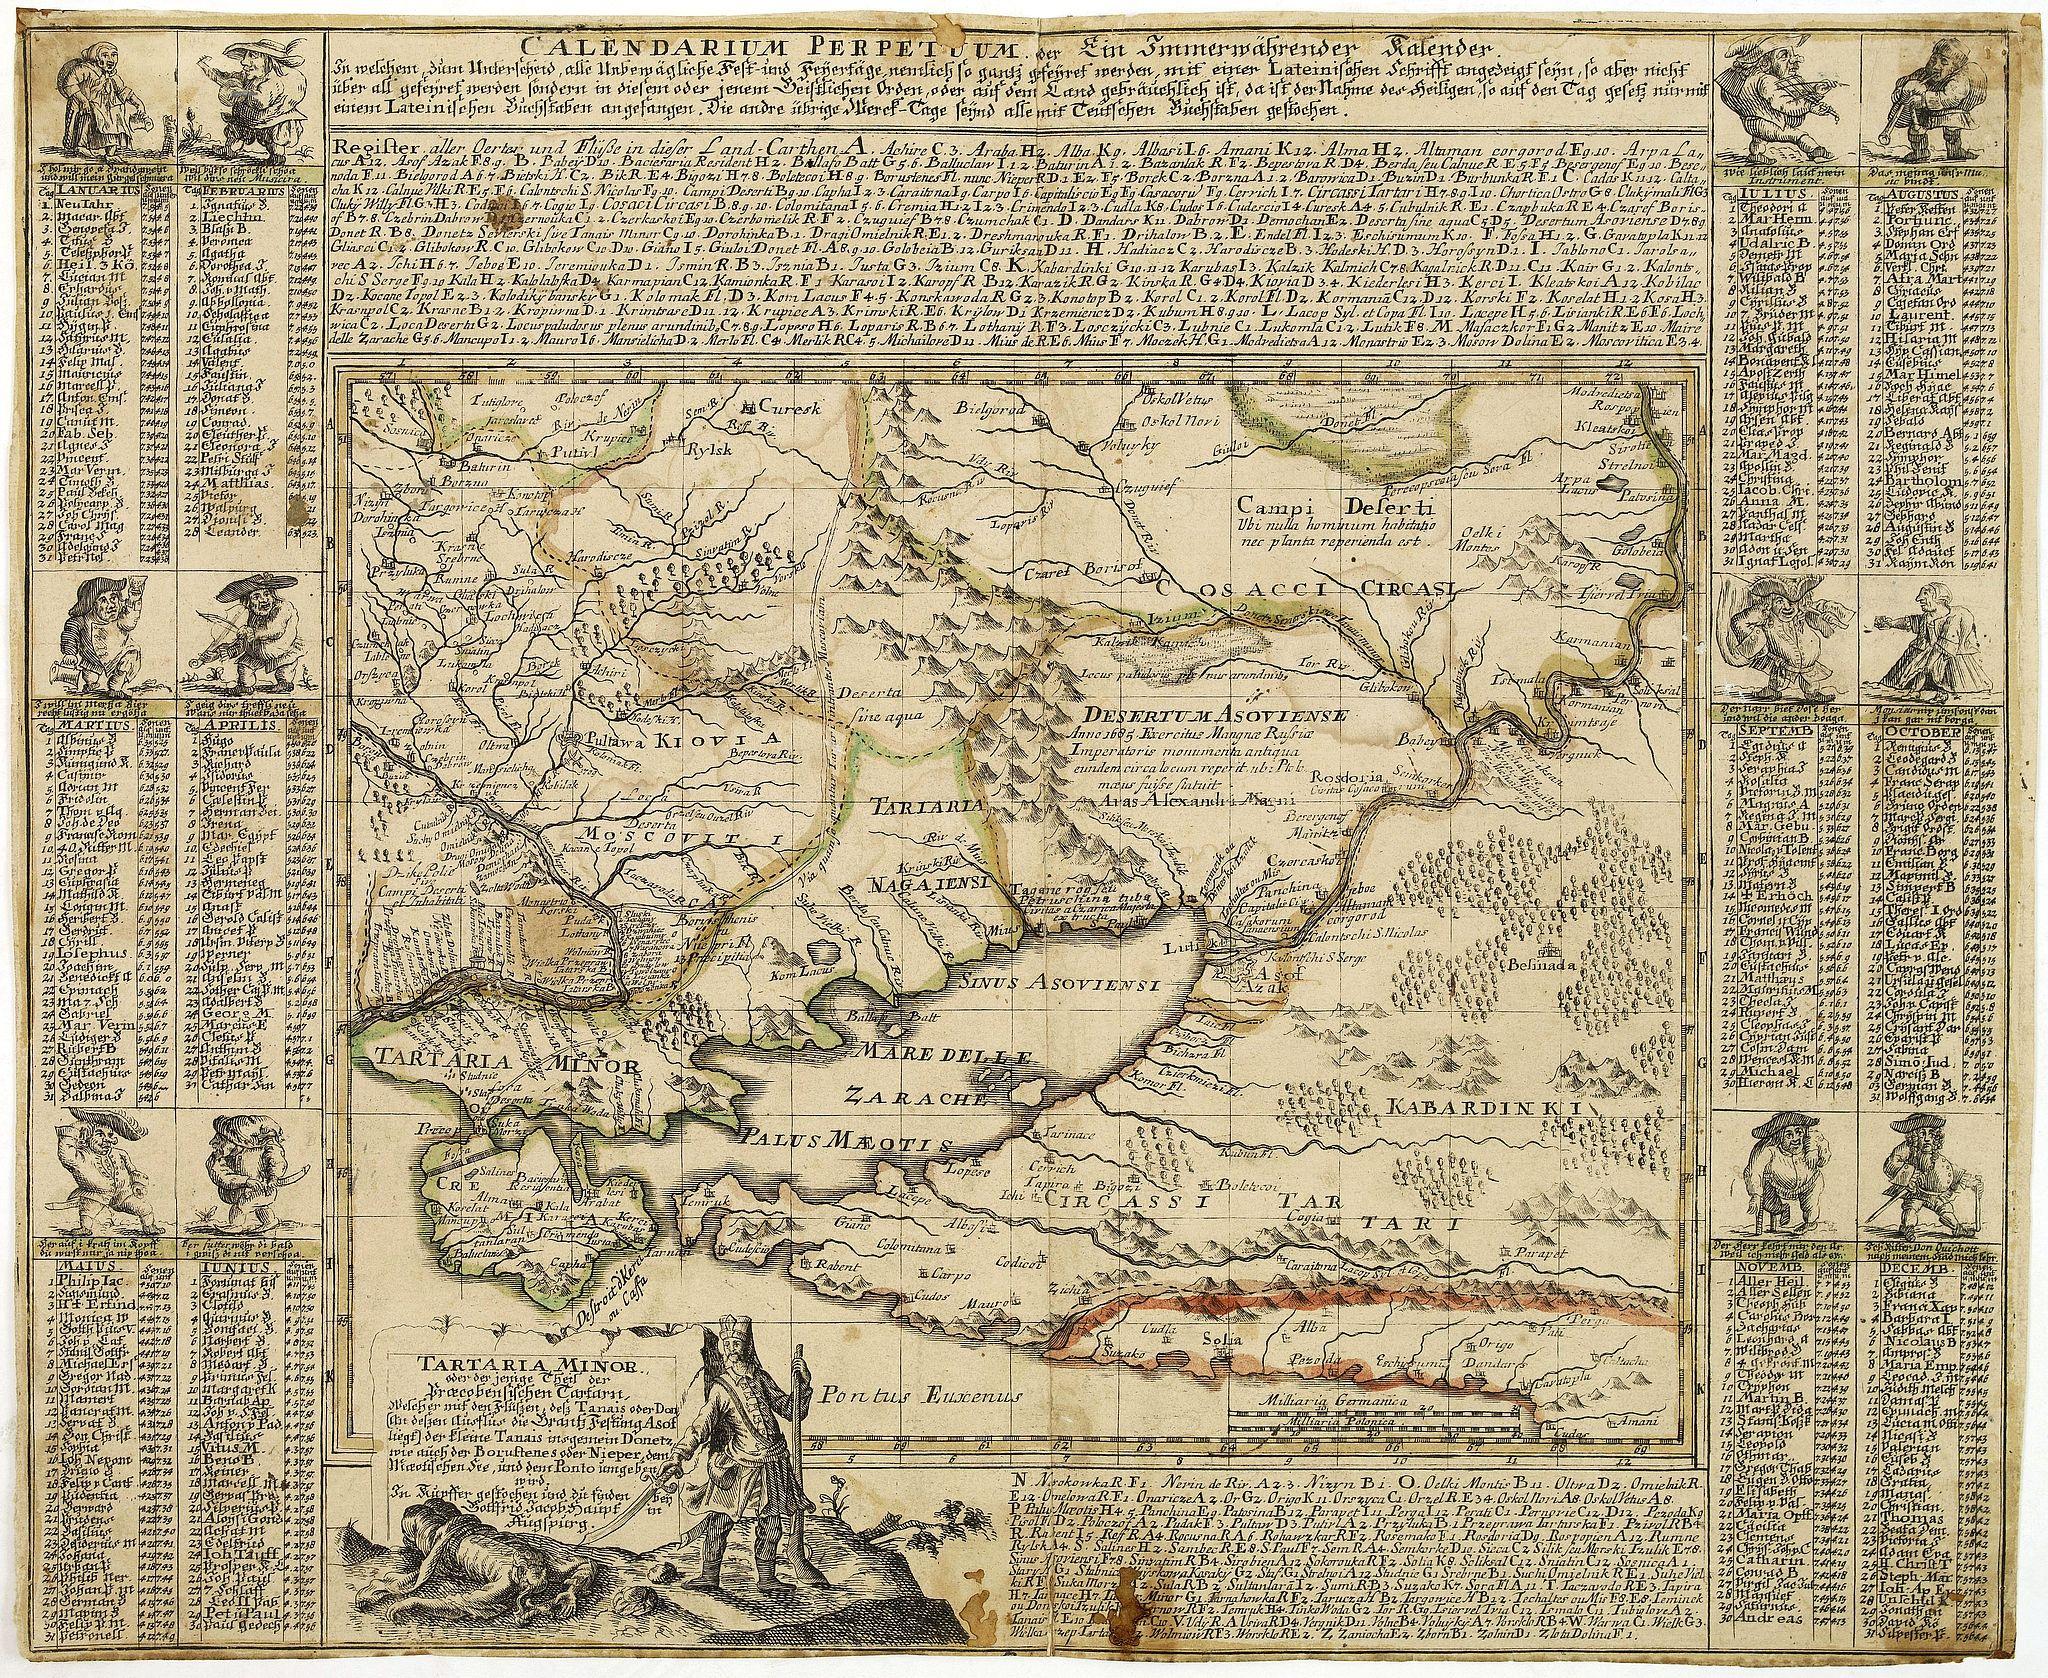 HAUPT, J.G. - Tartaria Minor. . . . Calendarium Perpetuum oder Ein Immerwährender Kalender. . .